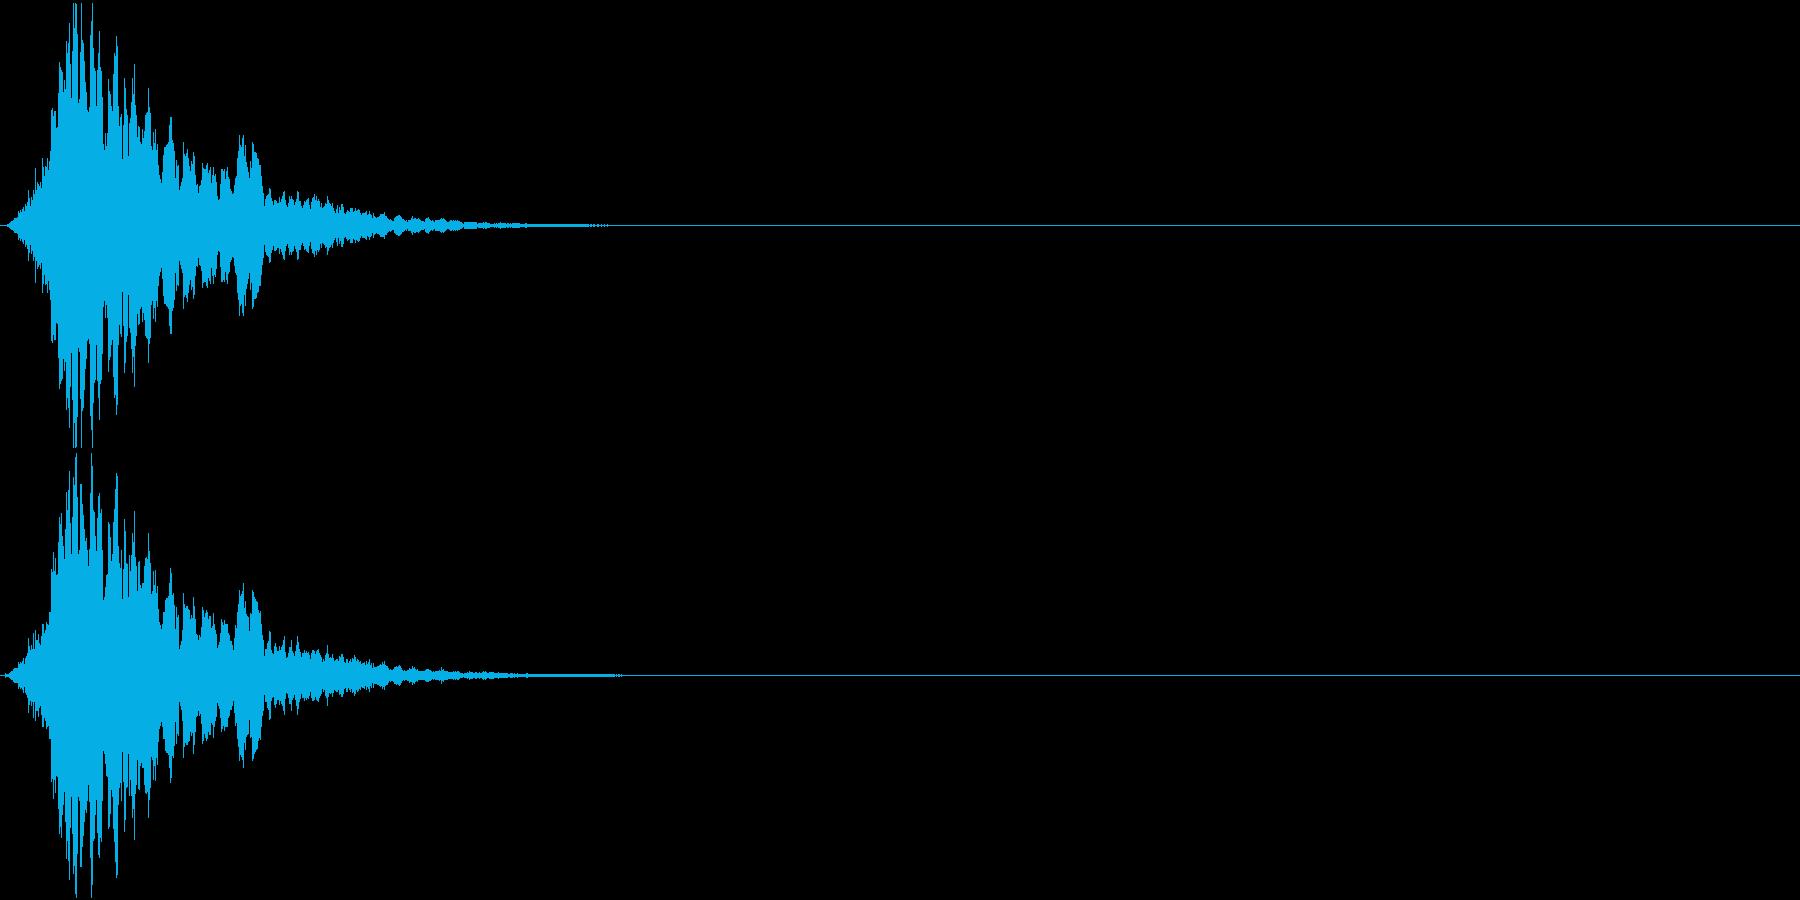 キーン(機械 ワープ 操作 SF風)の再生済みの波形